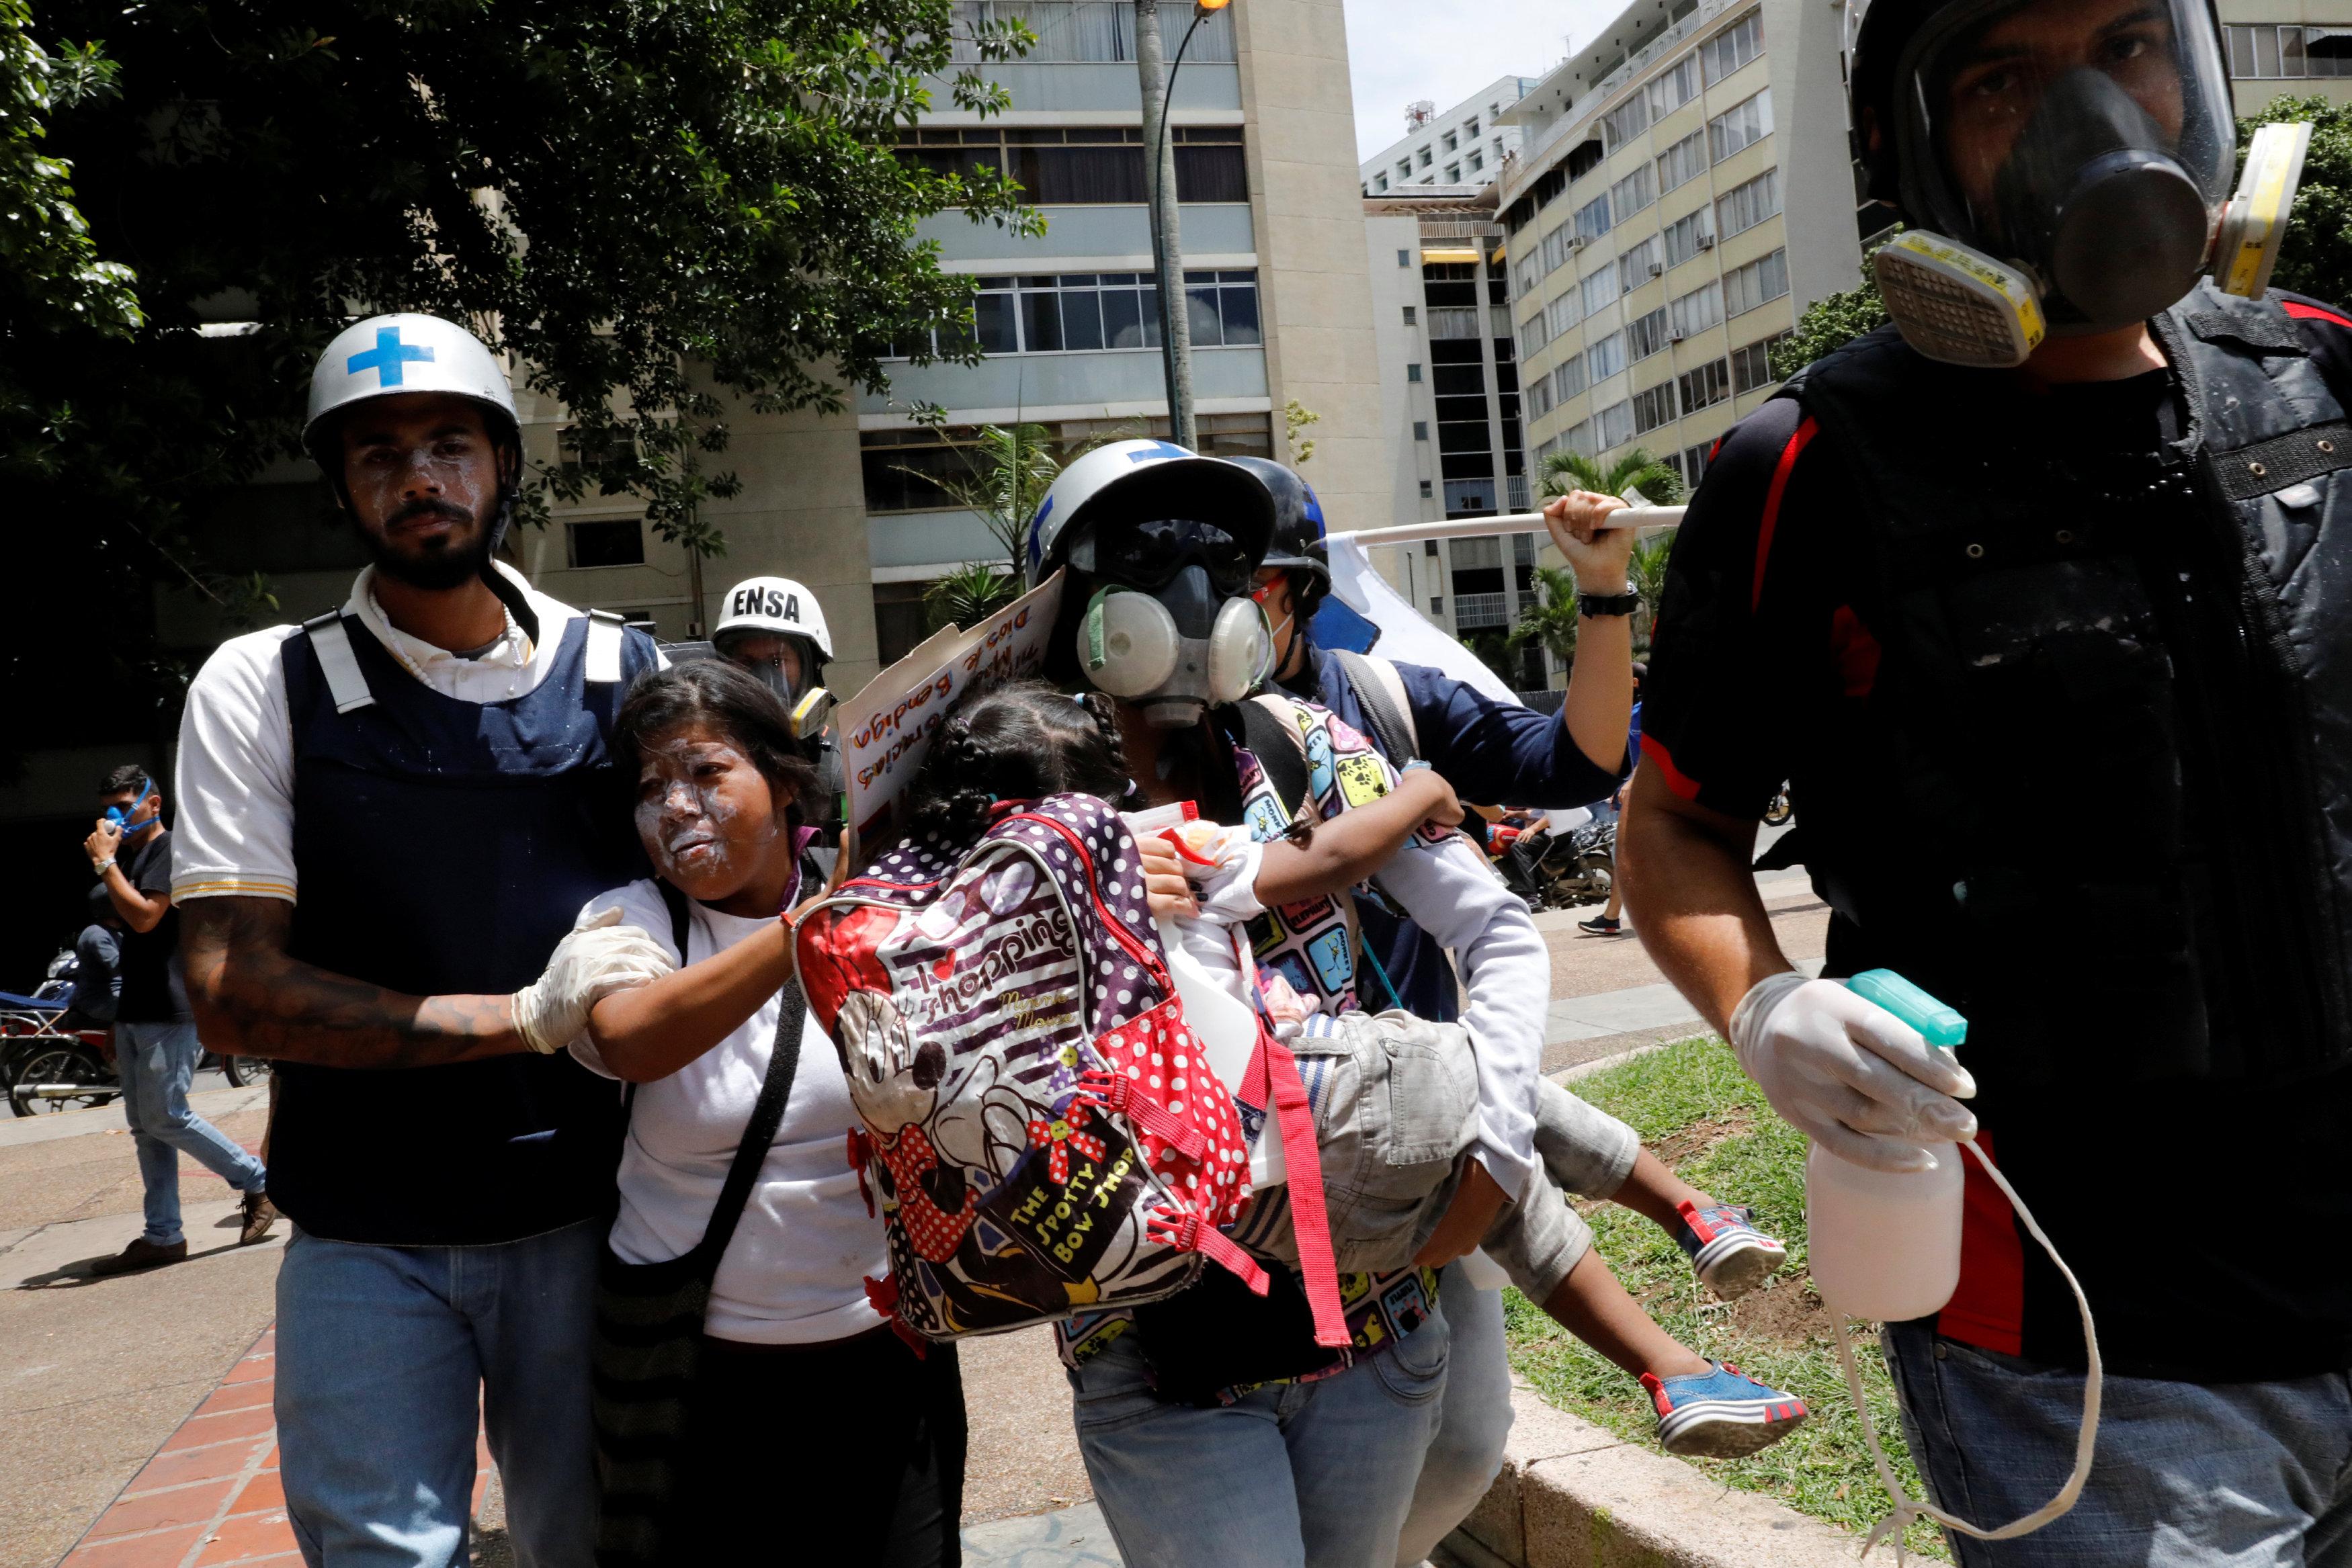 Voluntarios paramédicos rescatan a uno de los menores que resultaron afectados por los gases lacrimógenos en Altamira. REUTERS/Carlos Garcia Rawlins